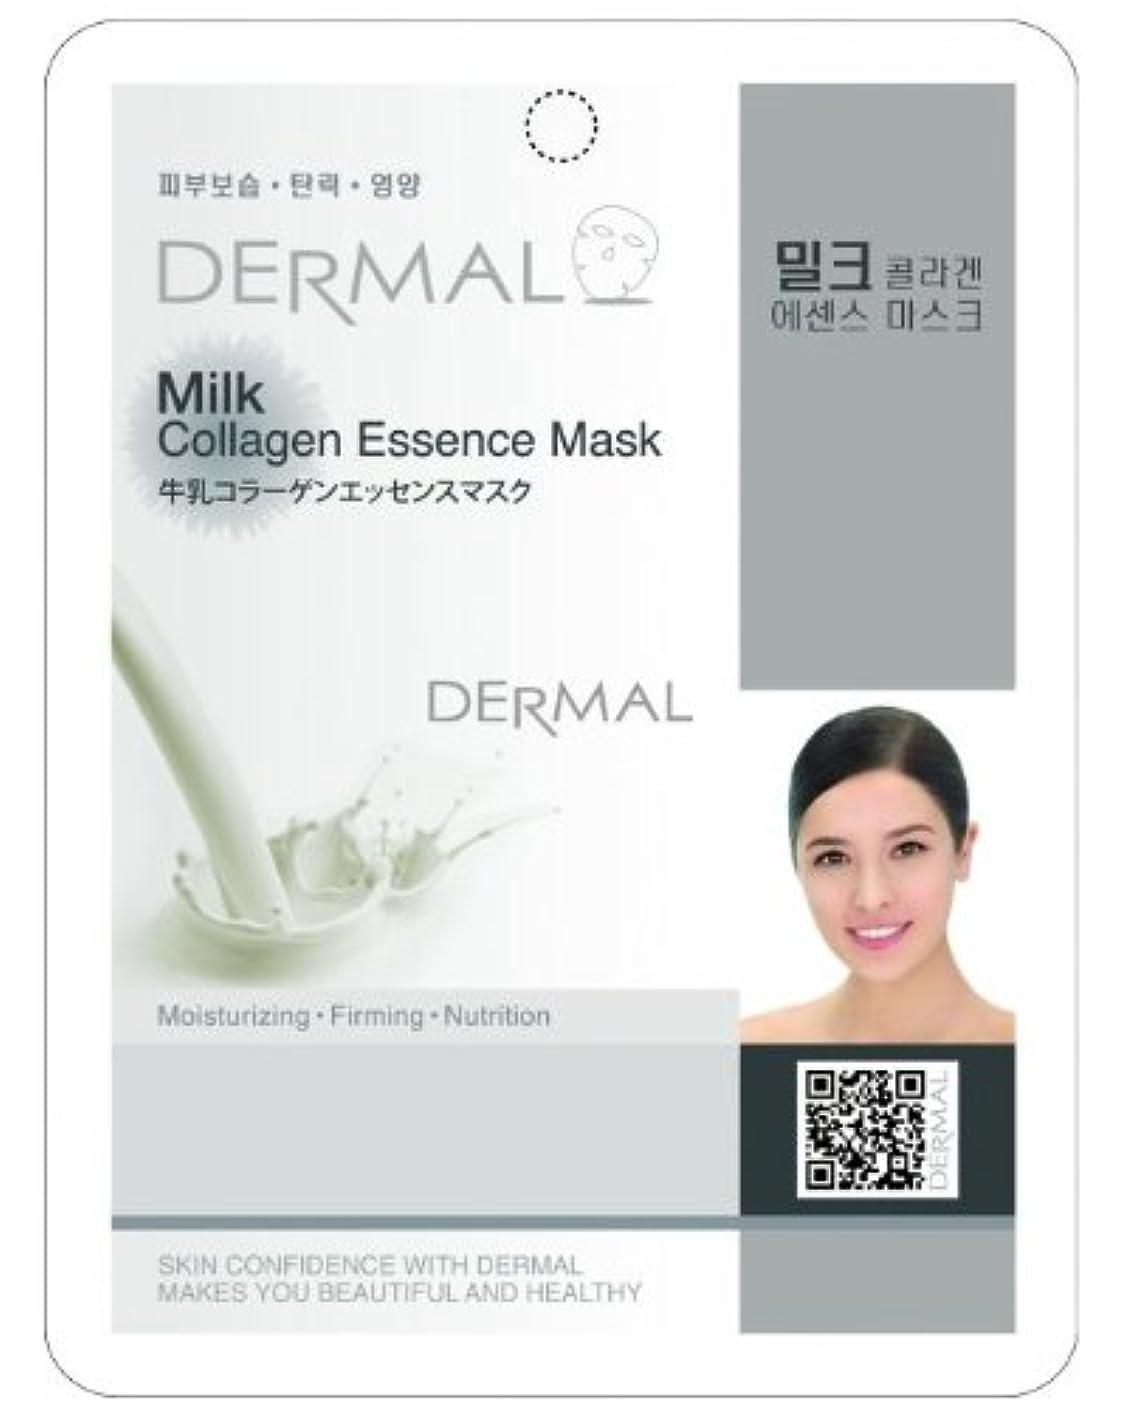 サロン道徳教育パイルミルクシートマスク(フェイスパック) 100枚セット ダーマル(Dermal)